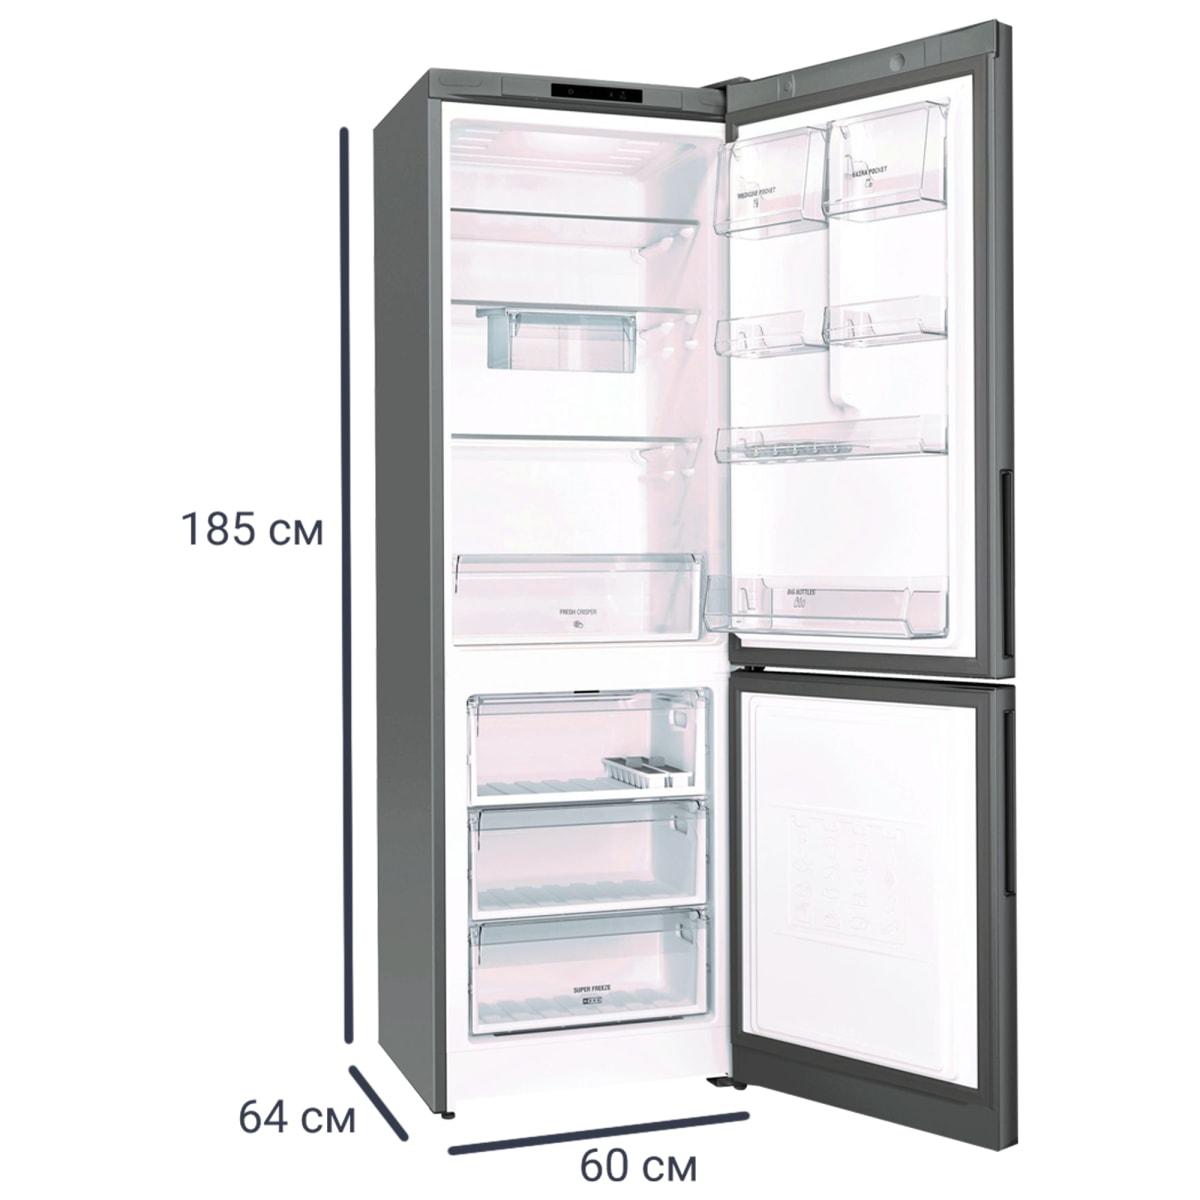 Холодильник двухкамерный HOTPOINT Ariston HS 4180 X, 185х60 см, нержавеющая сталь